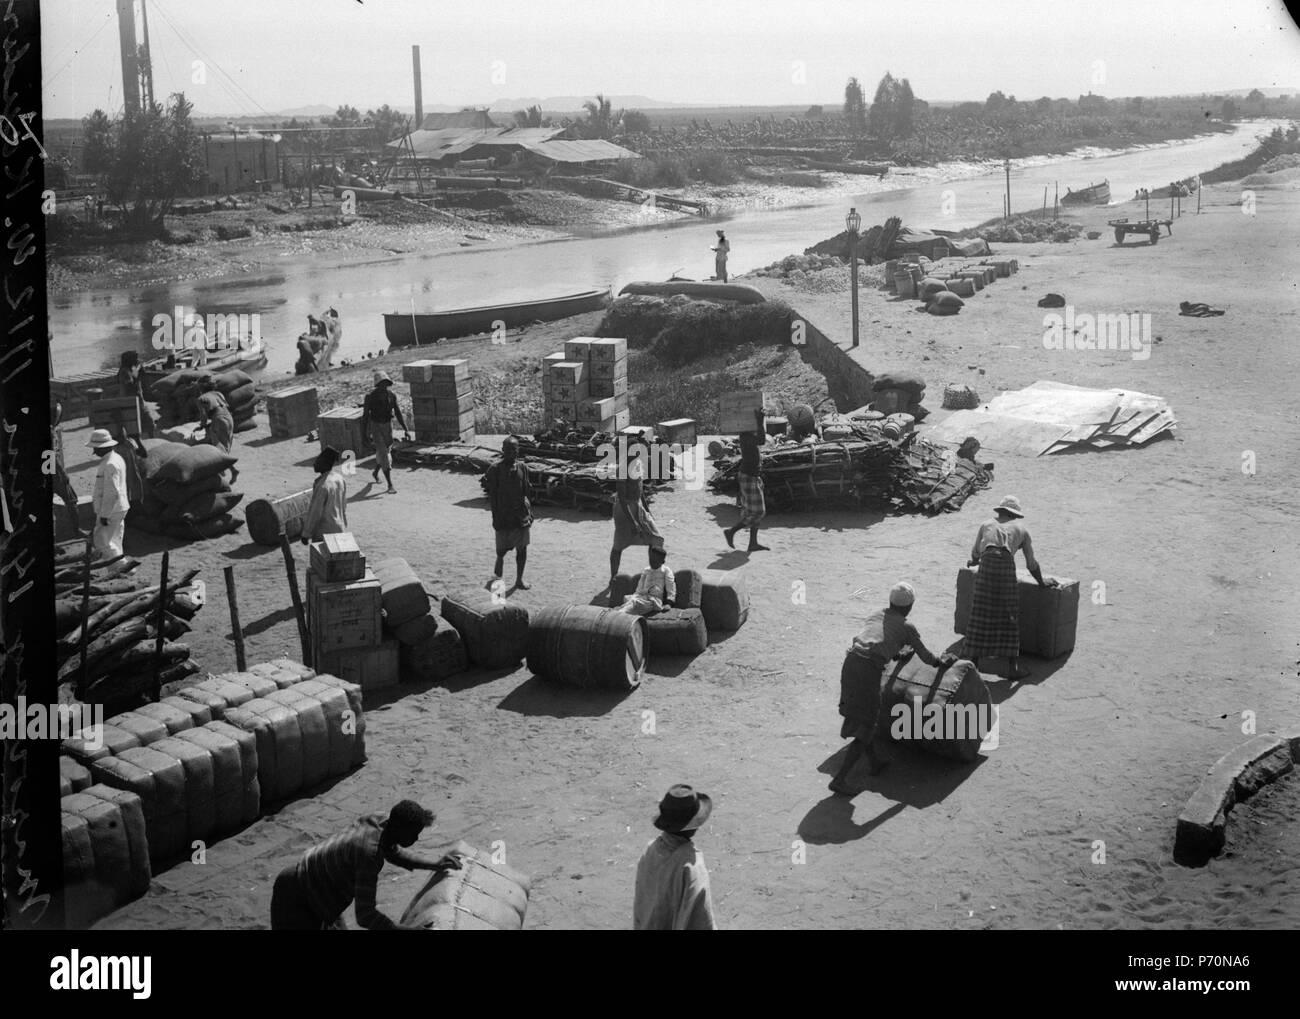 16 Hamnen med varor och arbetare. Datum, den 14. Juni 1912. Ort, Marovoay, Madagaskar. - Marovoay SMVK - 021785 Stockfoto